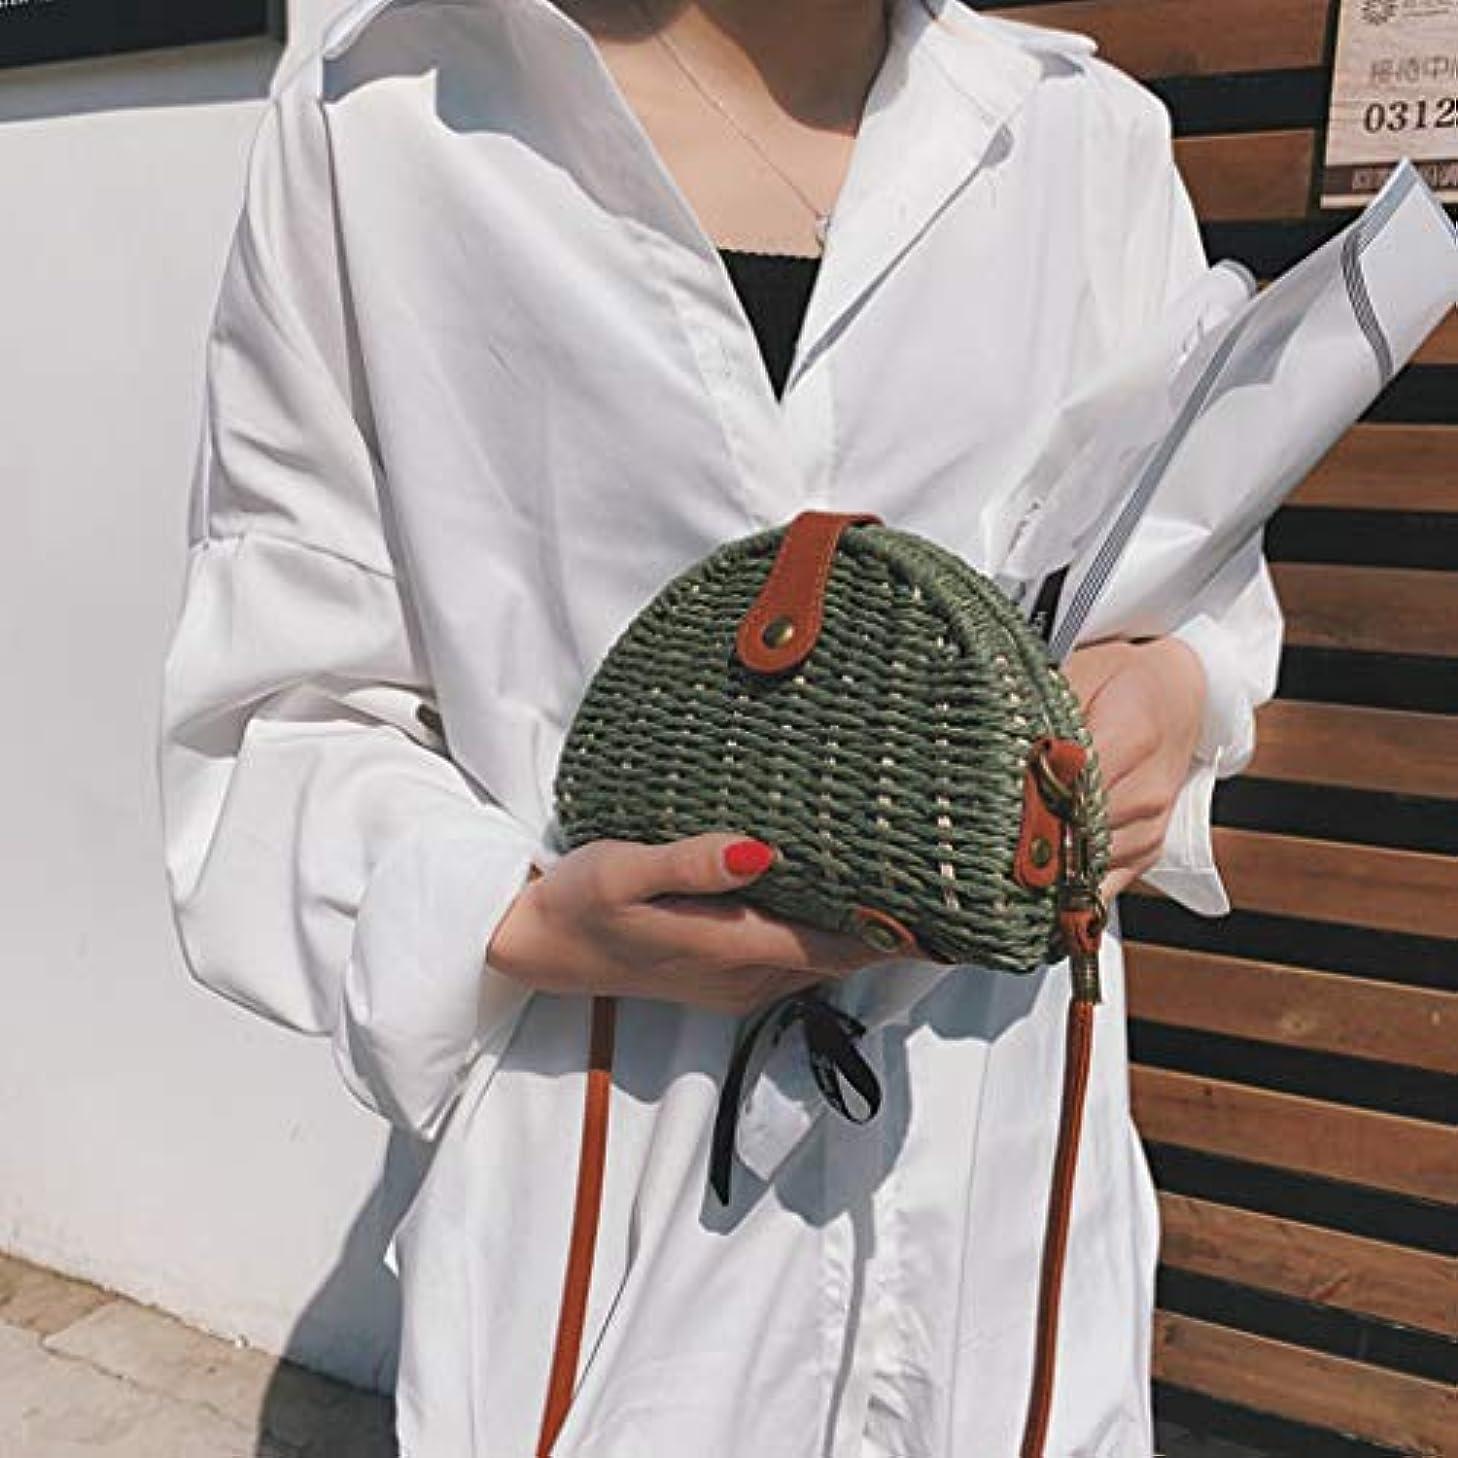 どちらか金曜日とげのある女性ミニ織りビーチショルダーバッグレディースボヘミアンスタイルレジャーハンドバッグ、女性のミニ織クロスボディバッグ、レディースミニファッションビーチスタイルクロスボディバッグ (緑)